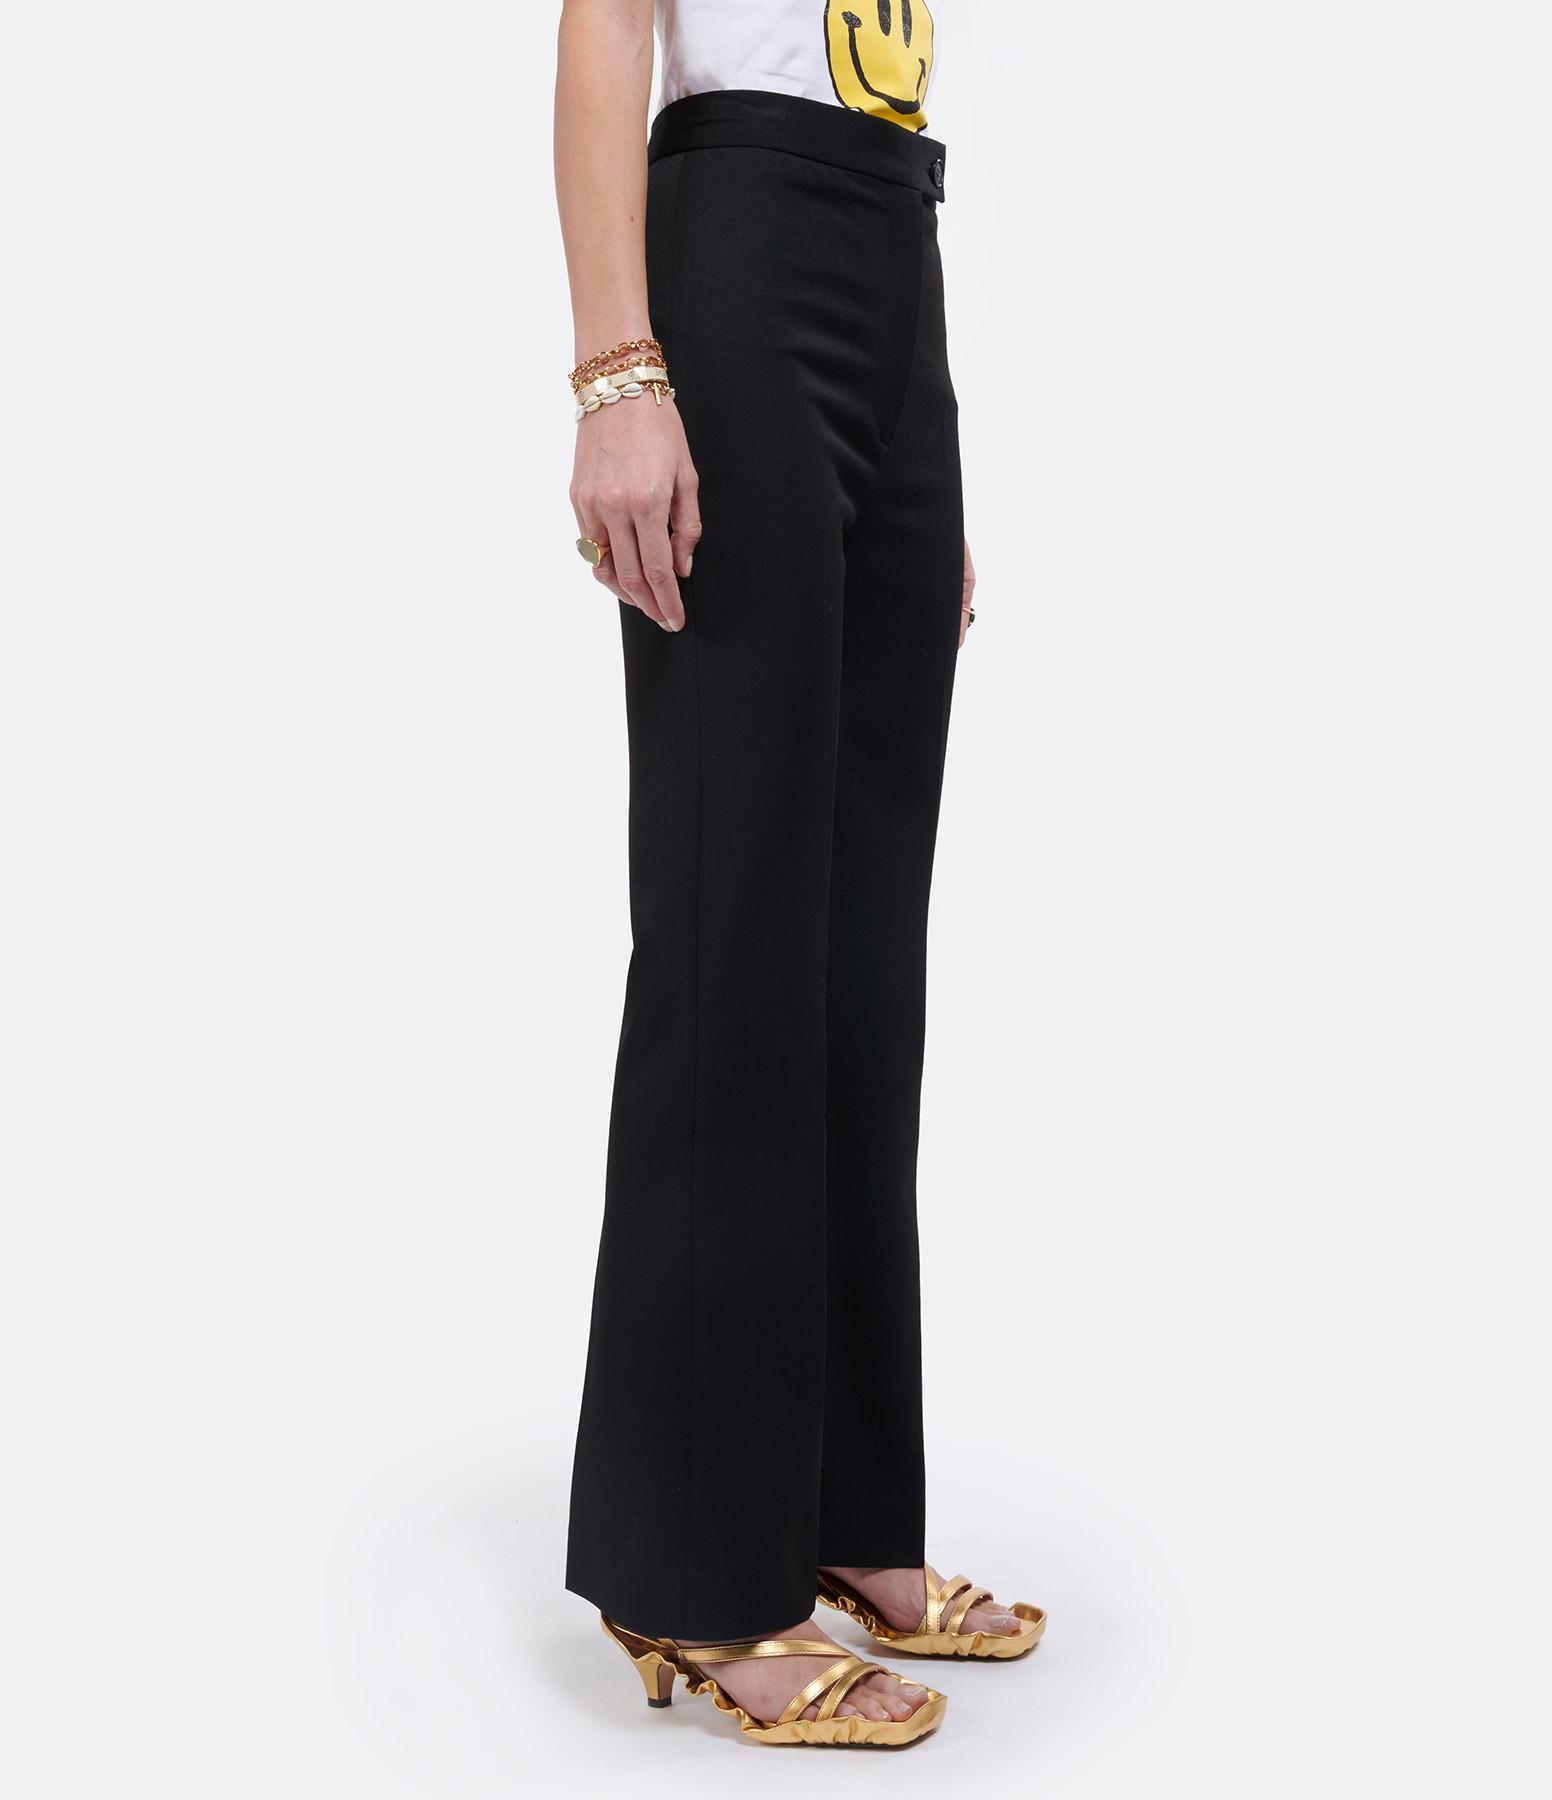 VICTORIA VICTORIA BECKHAM - Pantalon Taille Haute Noir